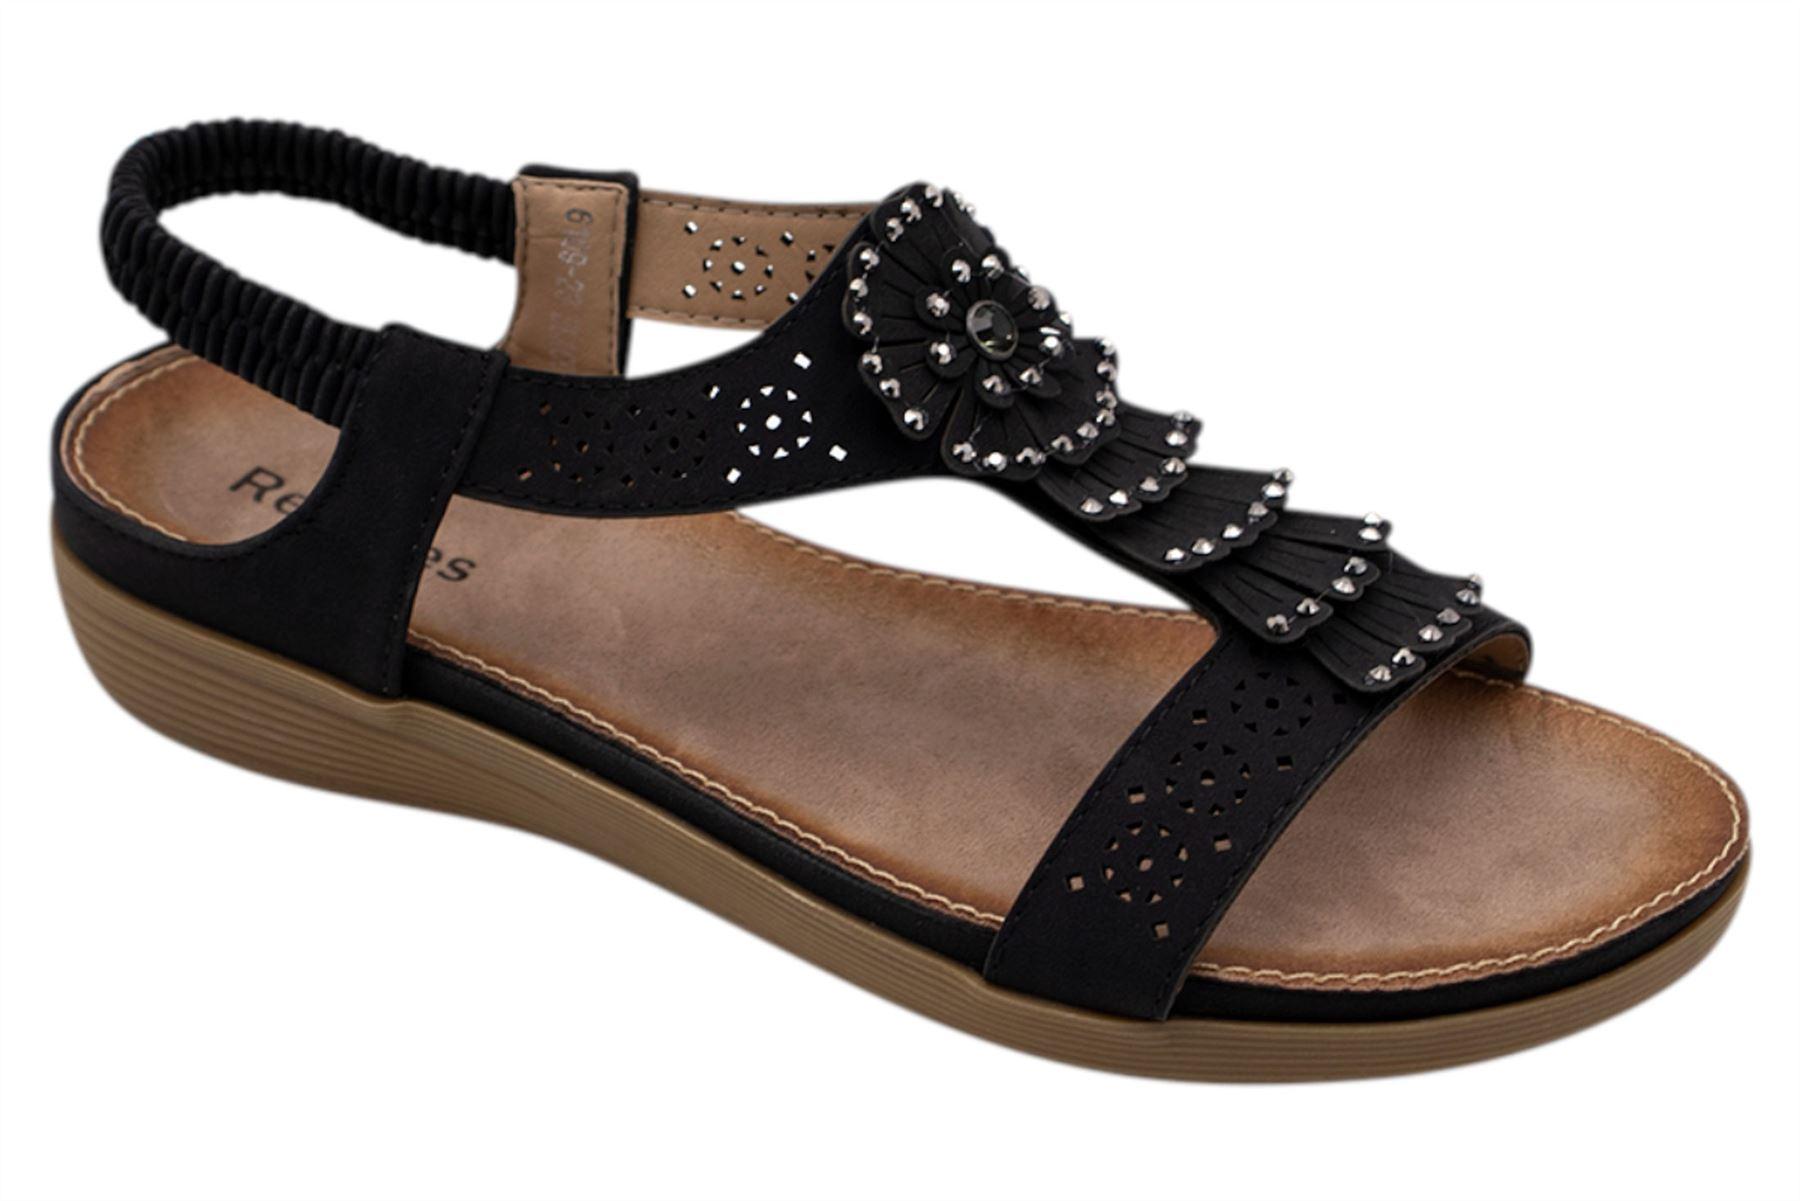 Ladies-Sandals-Womens-Shiny-Flat-Flip-Flop-Beach-Sliders miniatura 19